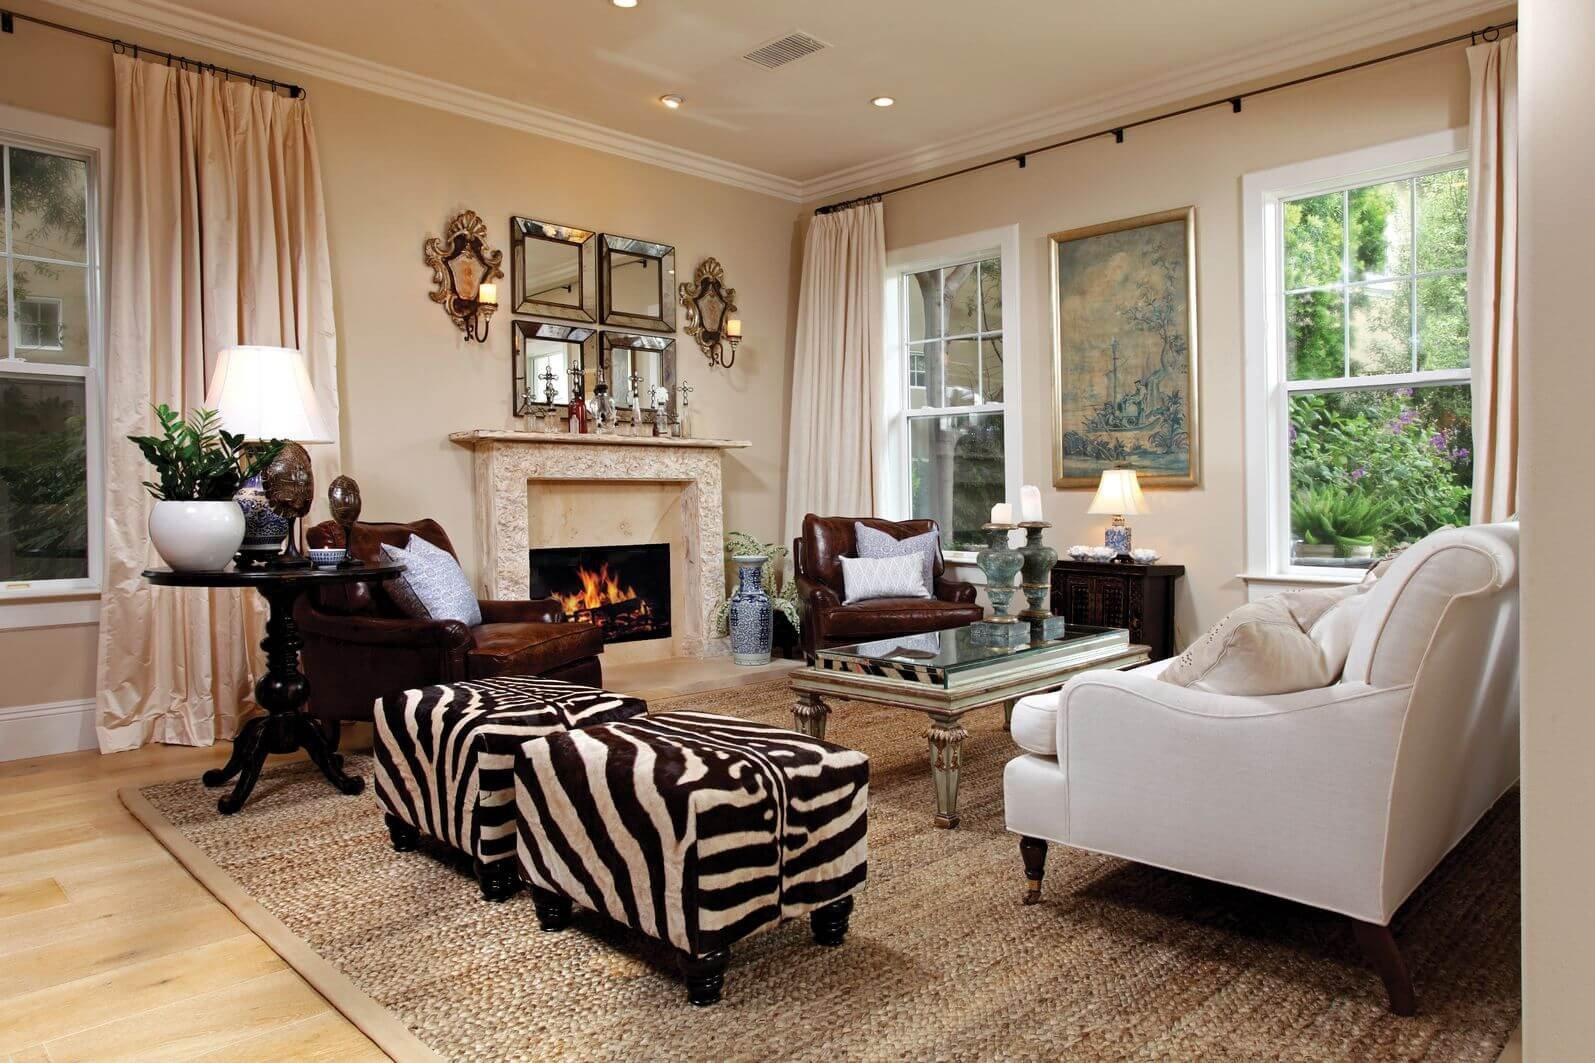 Zebra Decor for Living Room Elegant 17 Zebra Living Room Decor Ideas